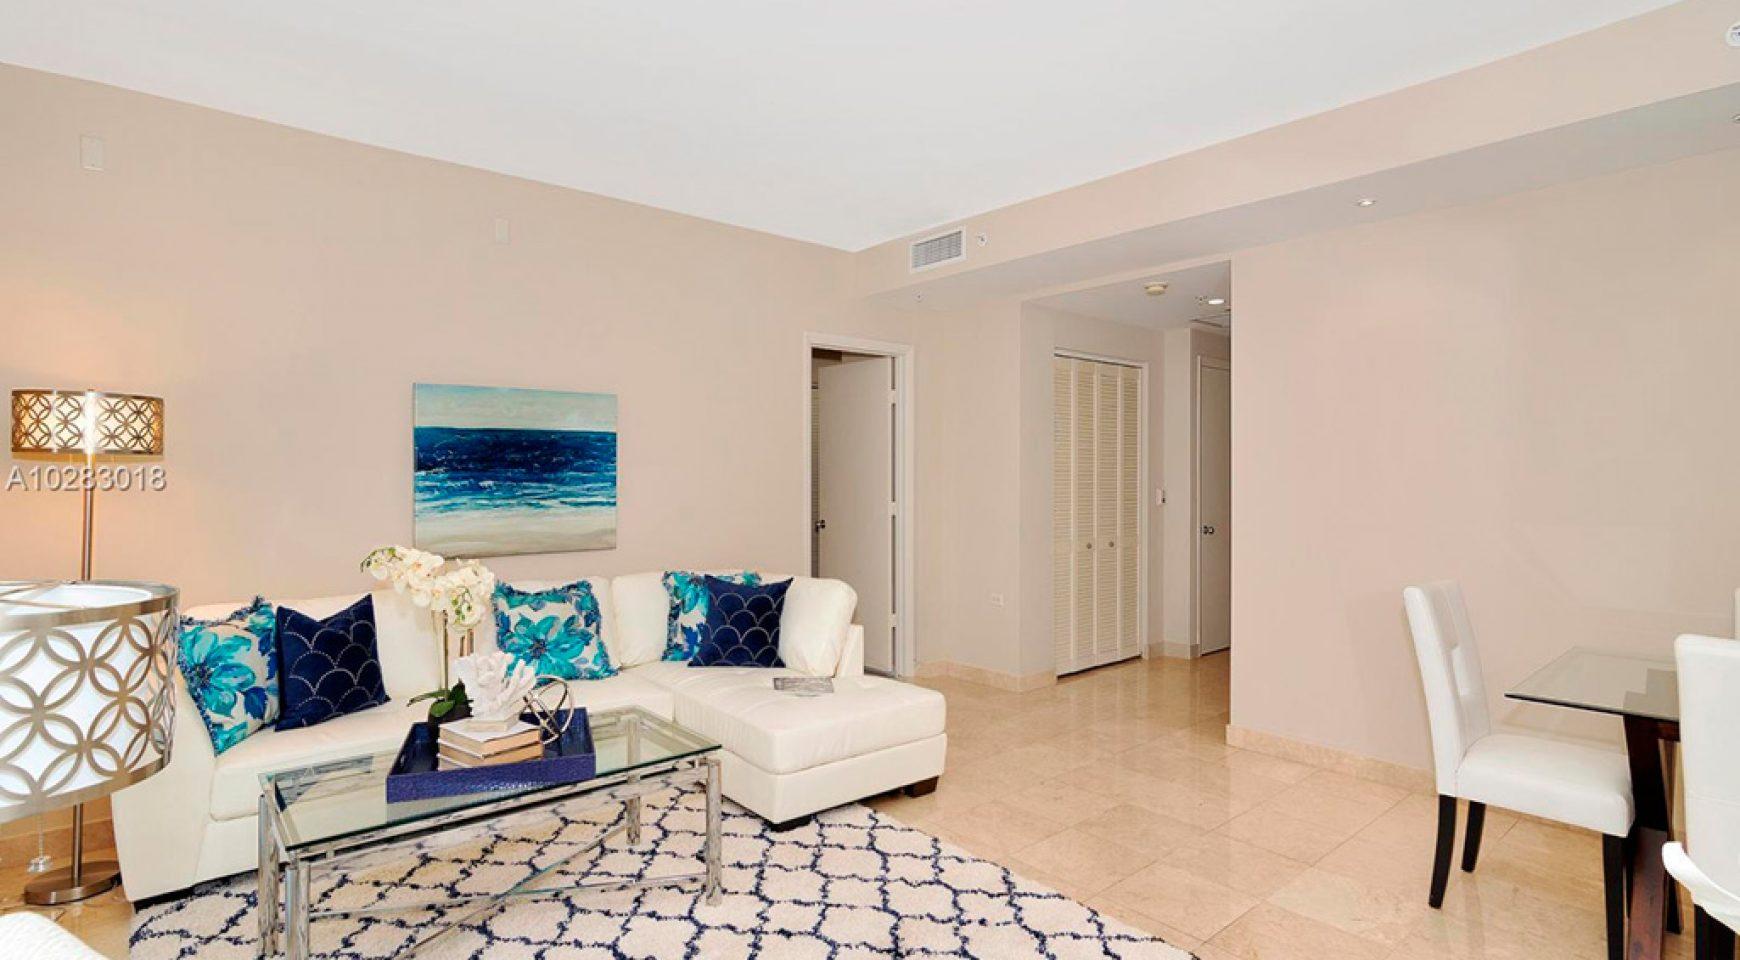 Court Brickell Key Condo Miami | Golod Group